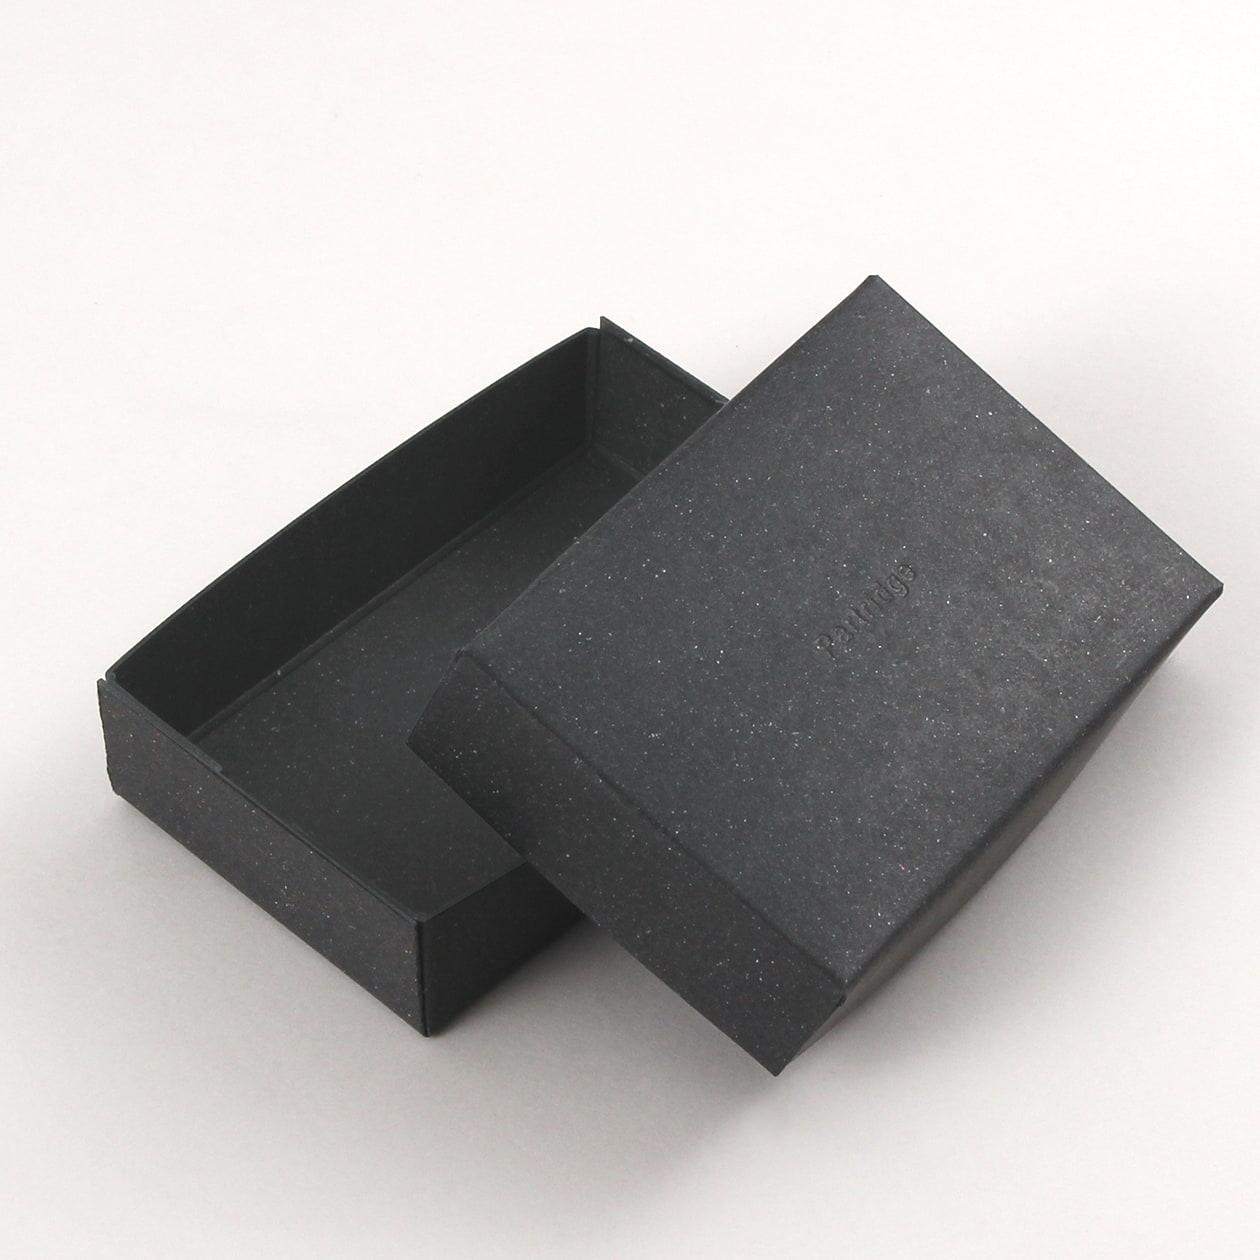 サンプル 箱(糊どめ) 00056